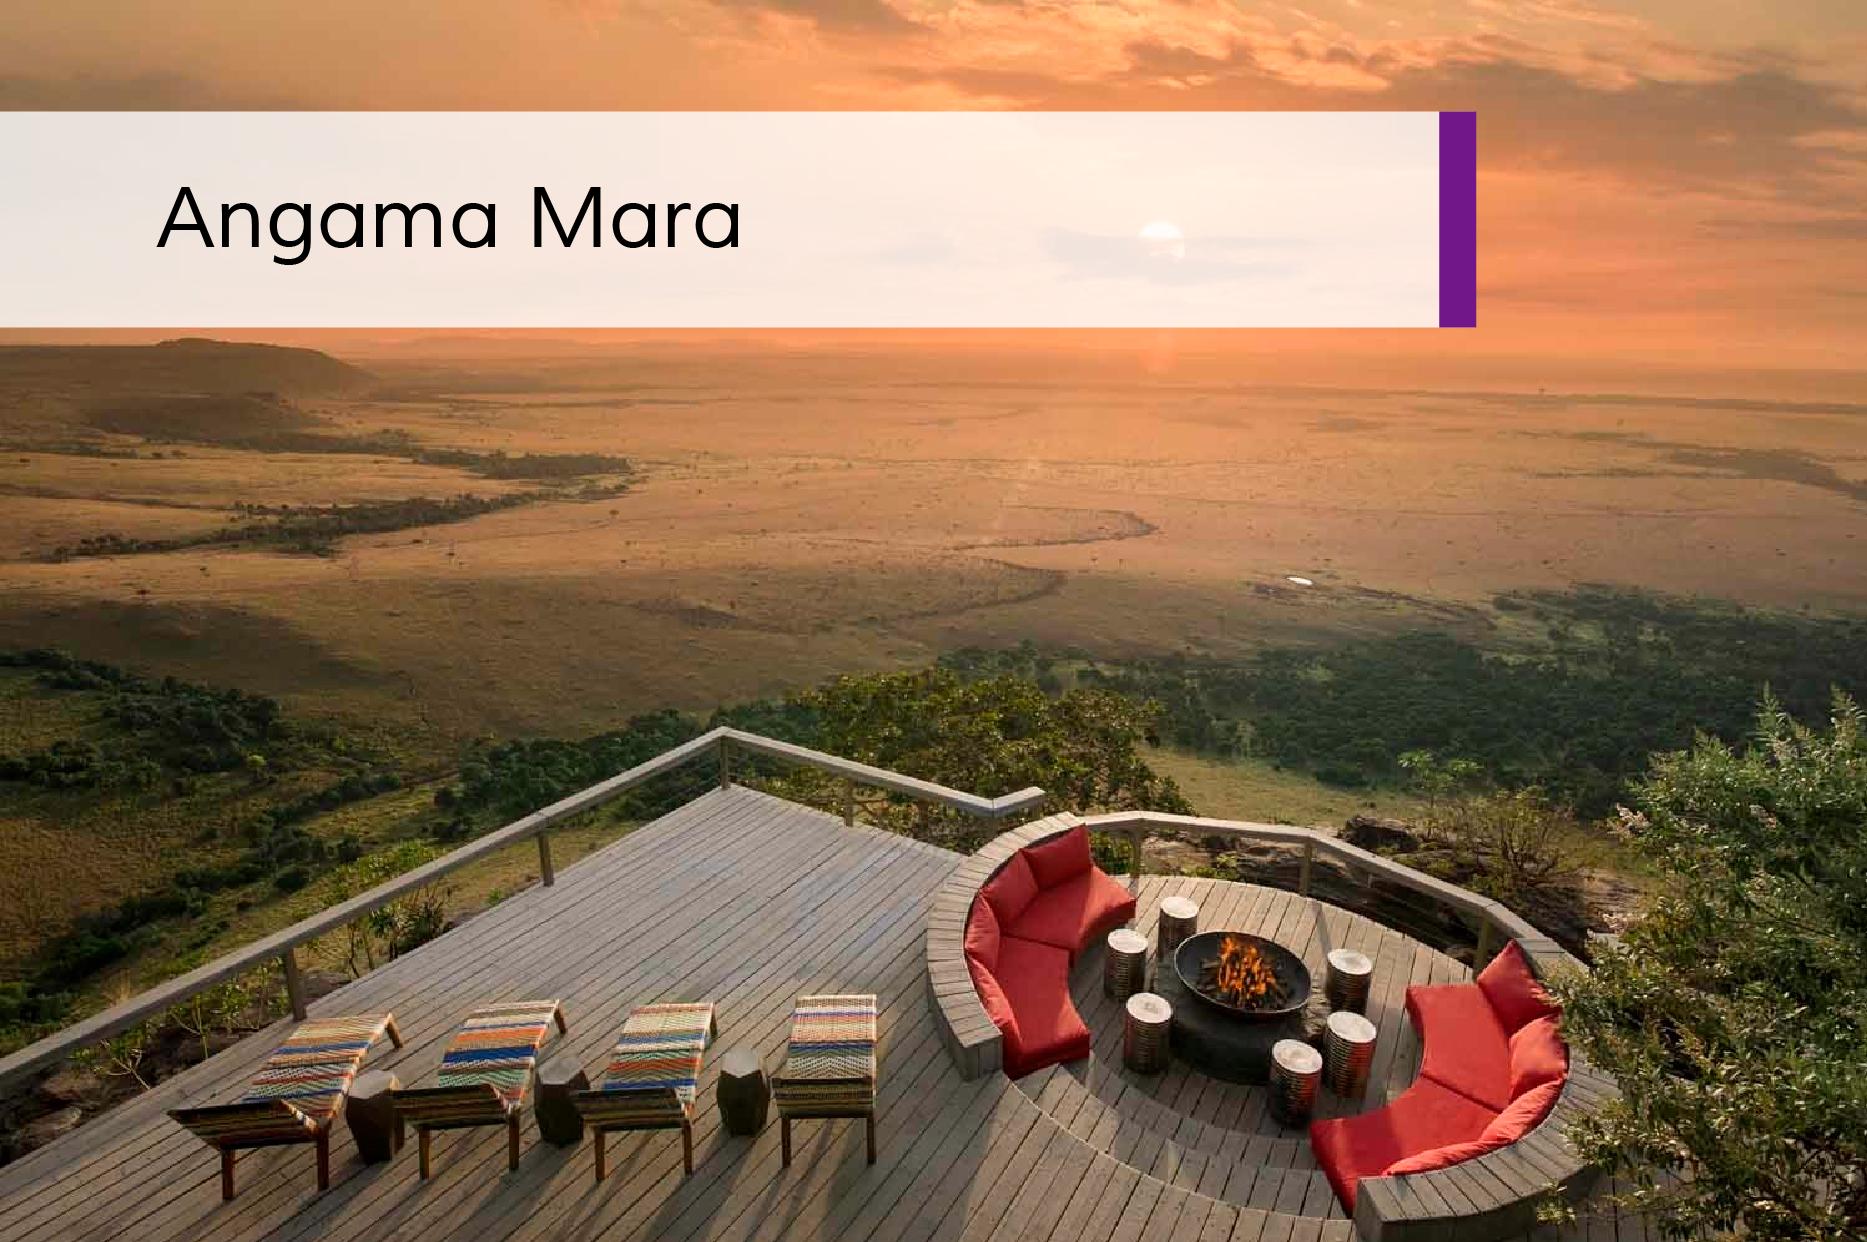 Angama Mara